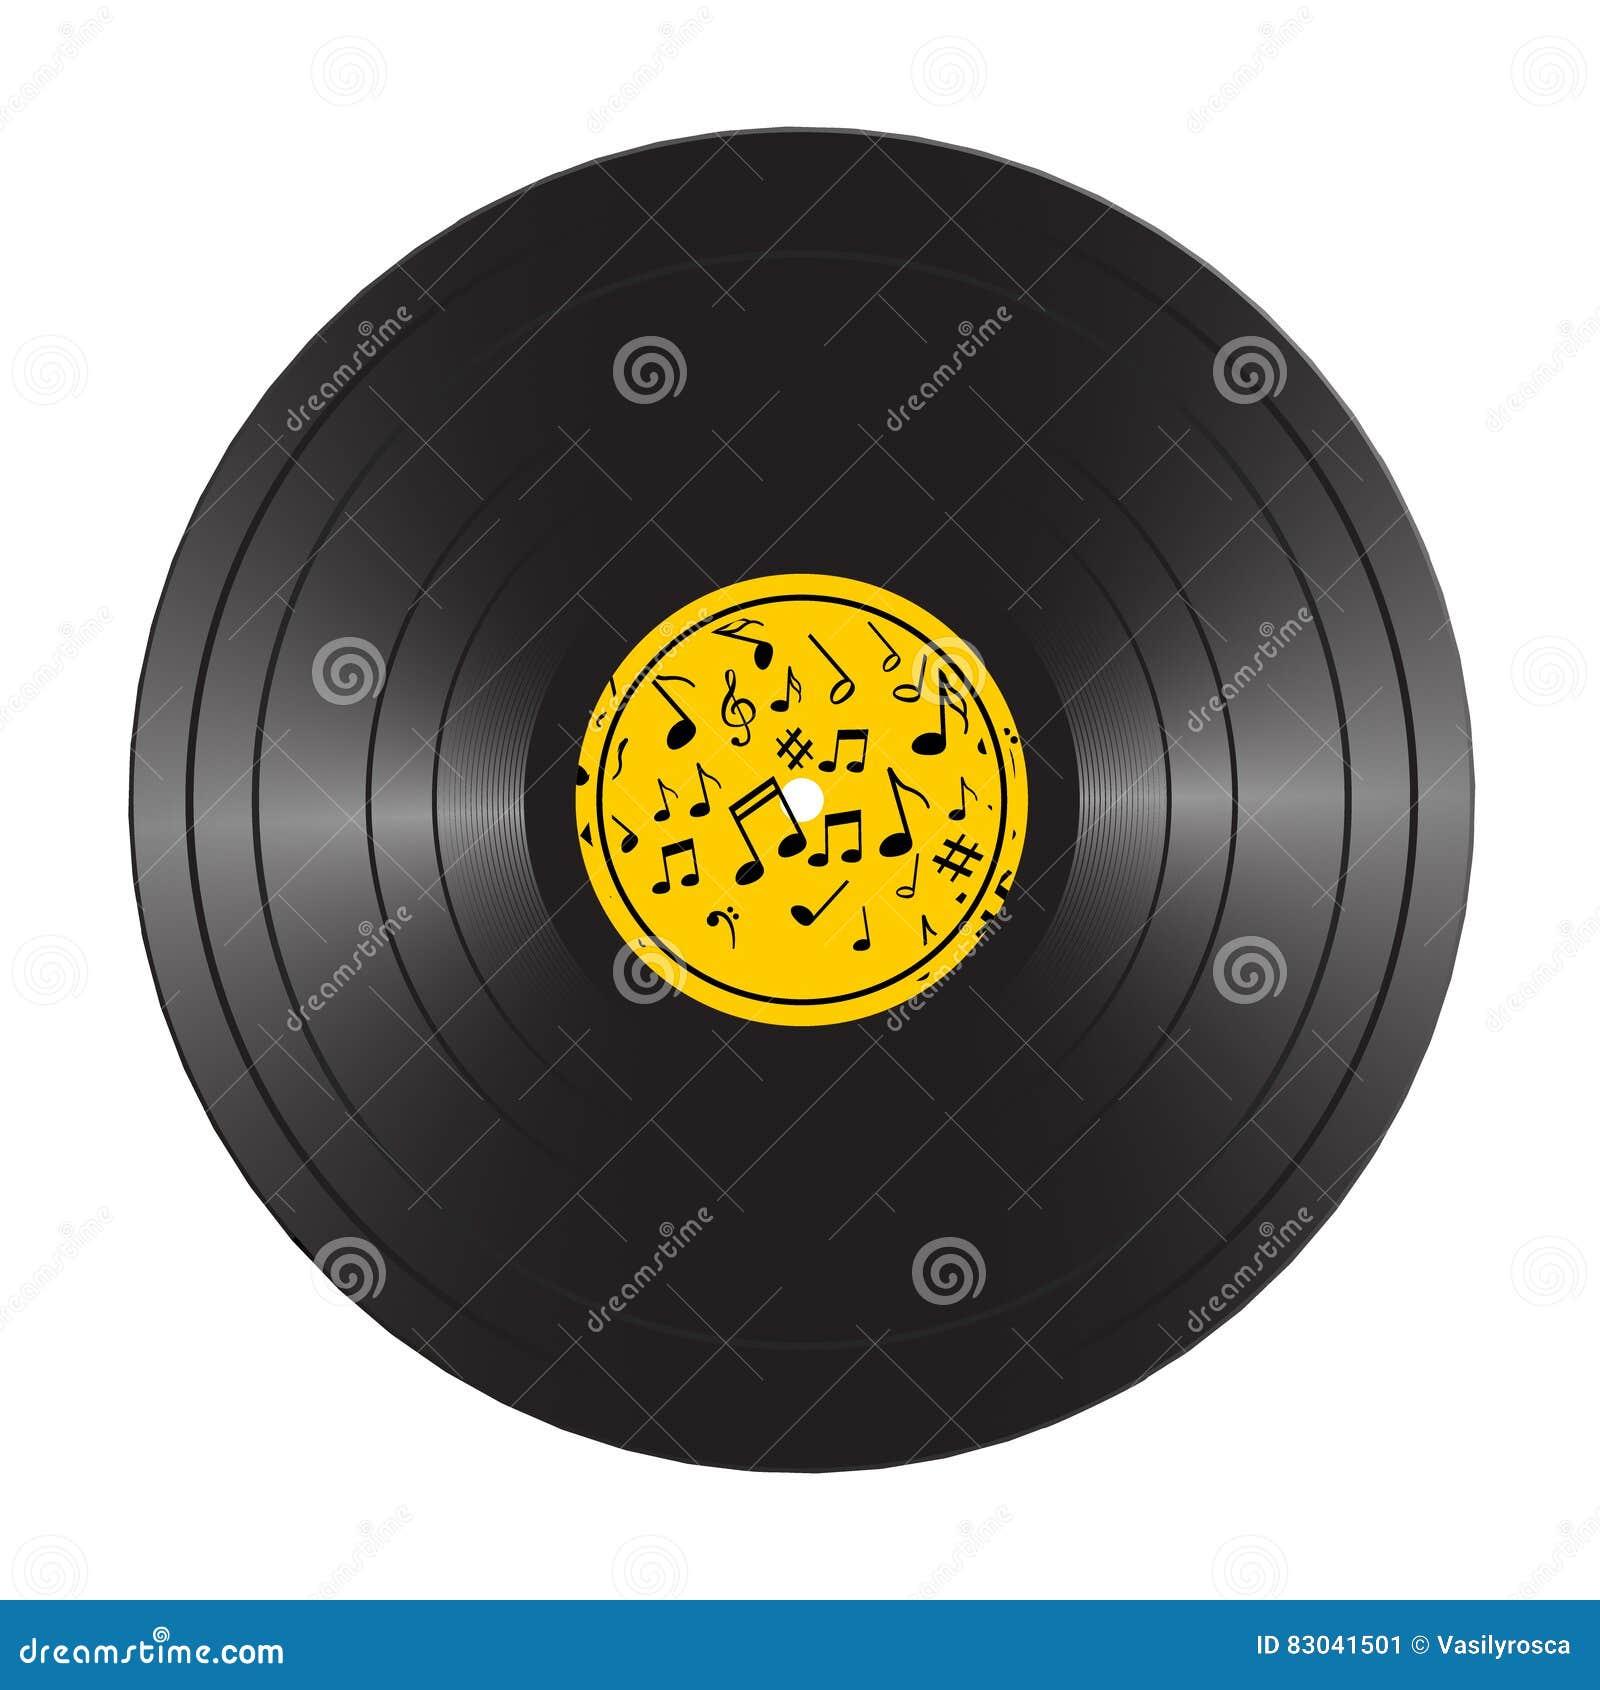 Vinyl LP Record Disc. Black Musical Vinyl Album Disc. Realistic ...